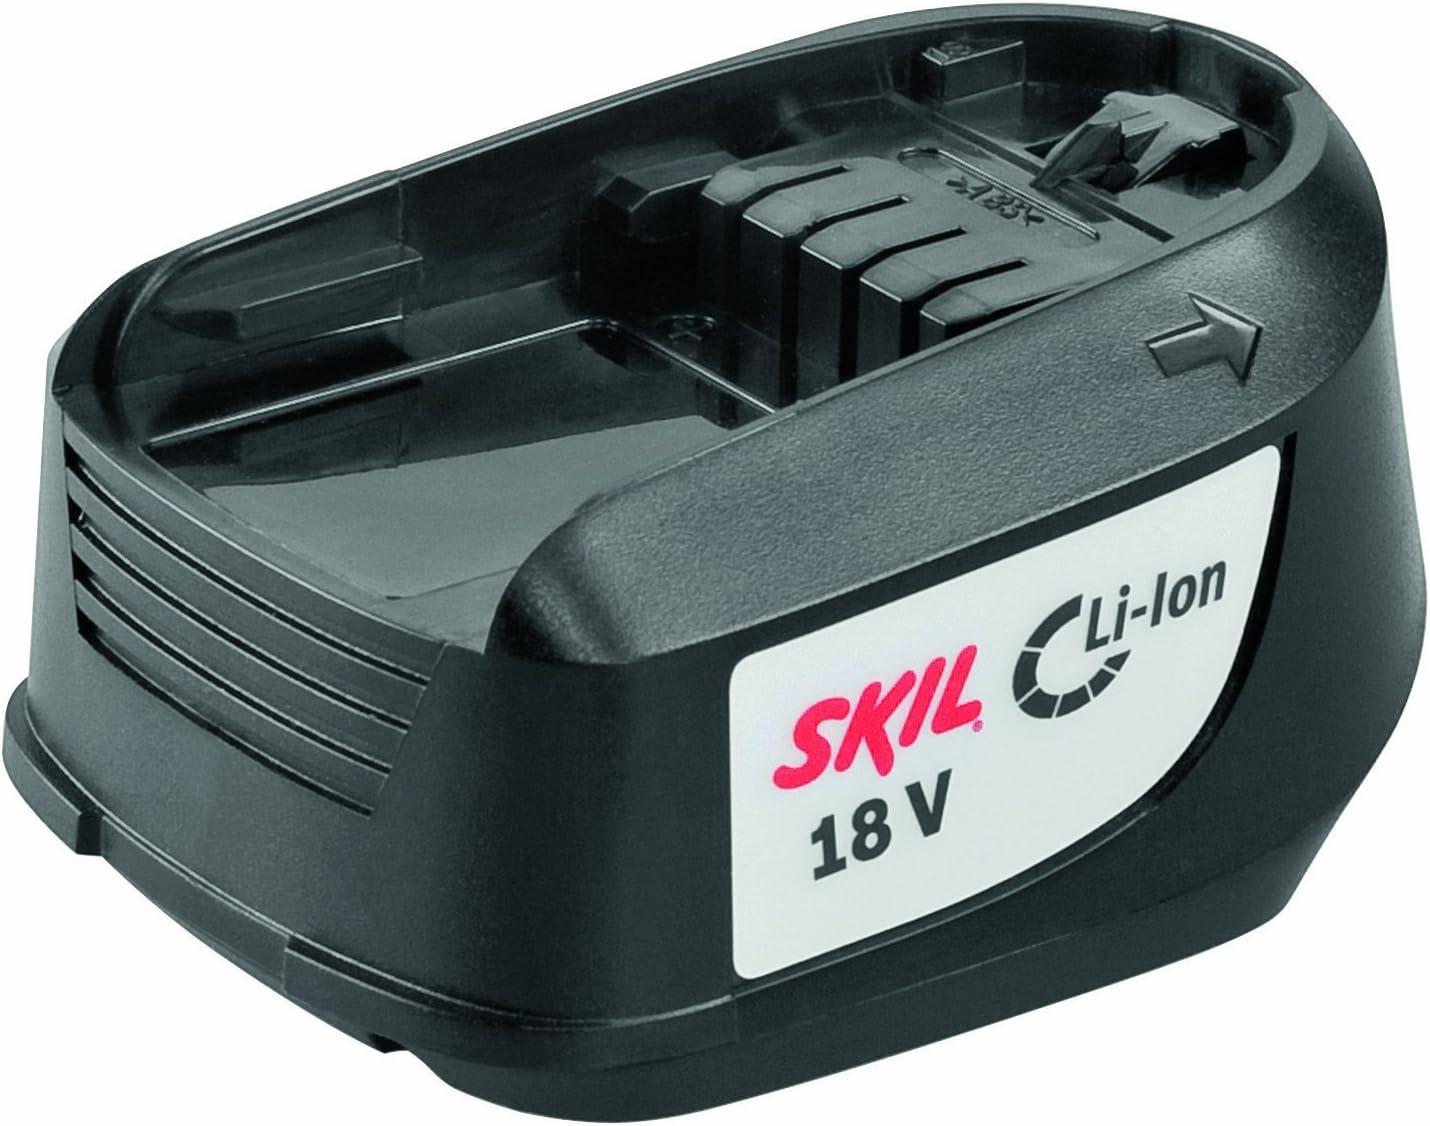 18V Li-Ion, 1,3 Ah, 40 Nm, 2 Gang + Schlagbohrfunktion Skil Akku-Schlagbohrschrauber 2532 AA